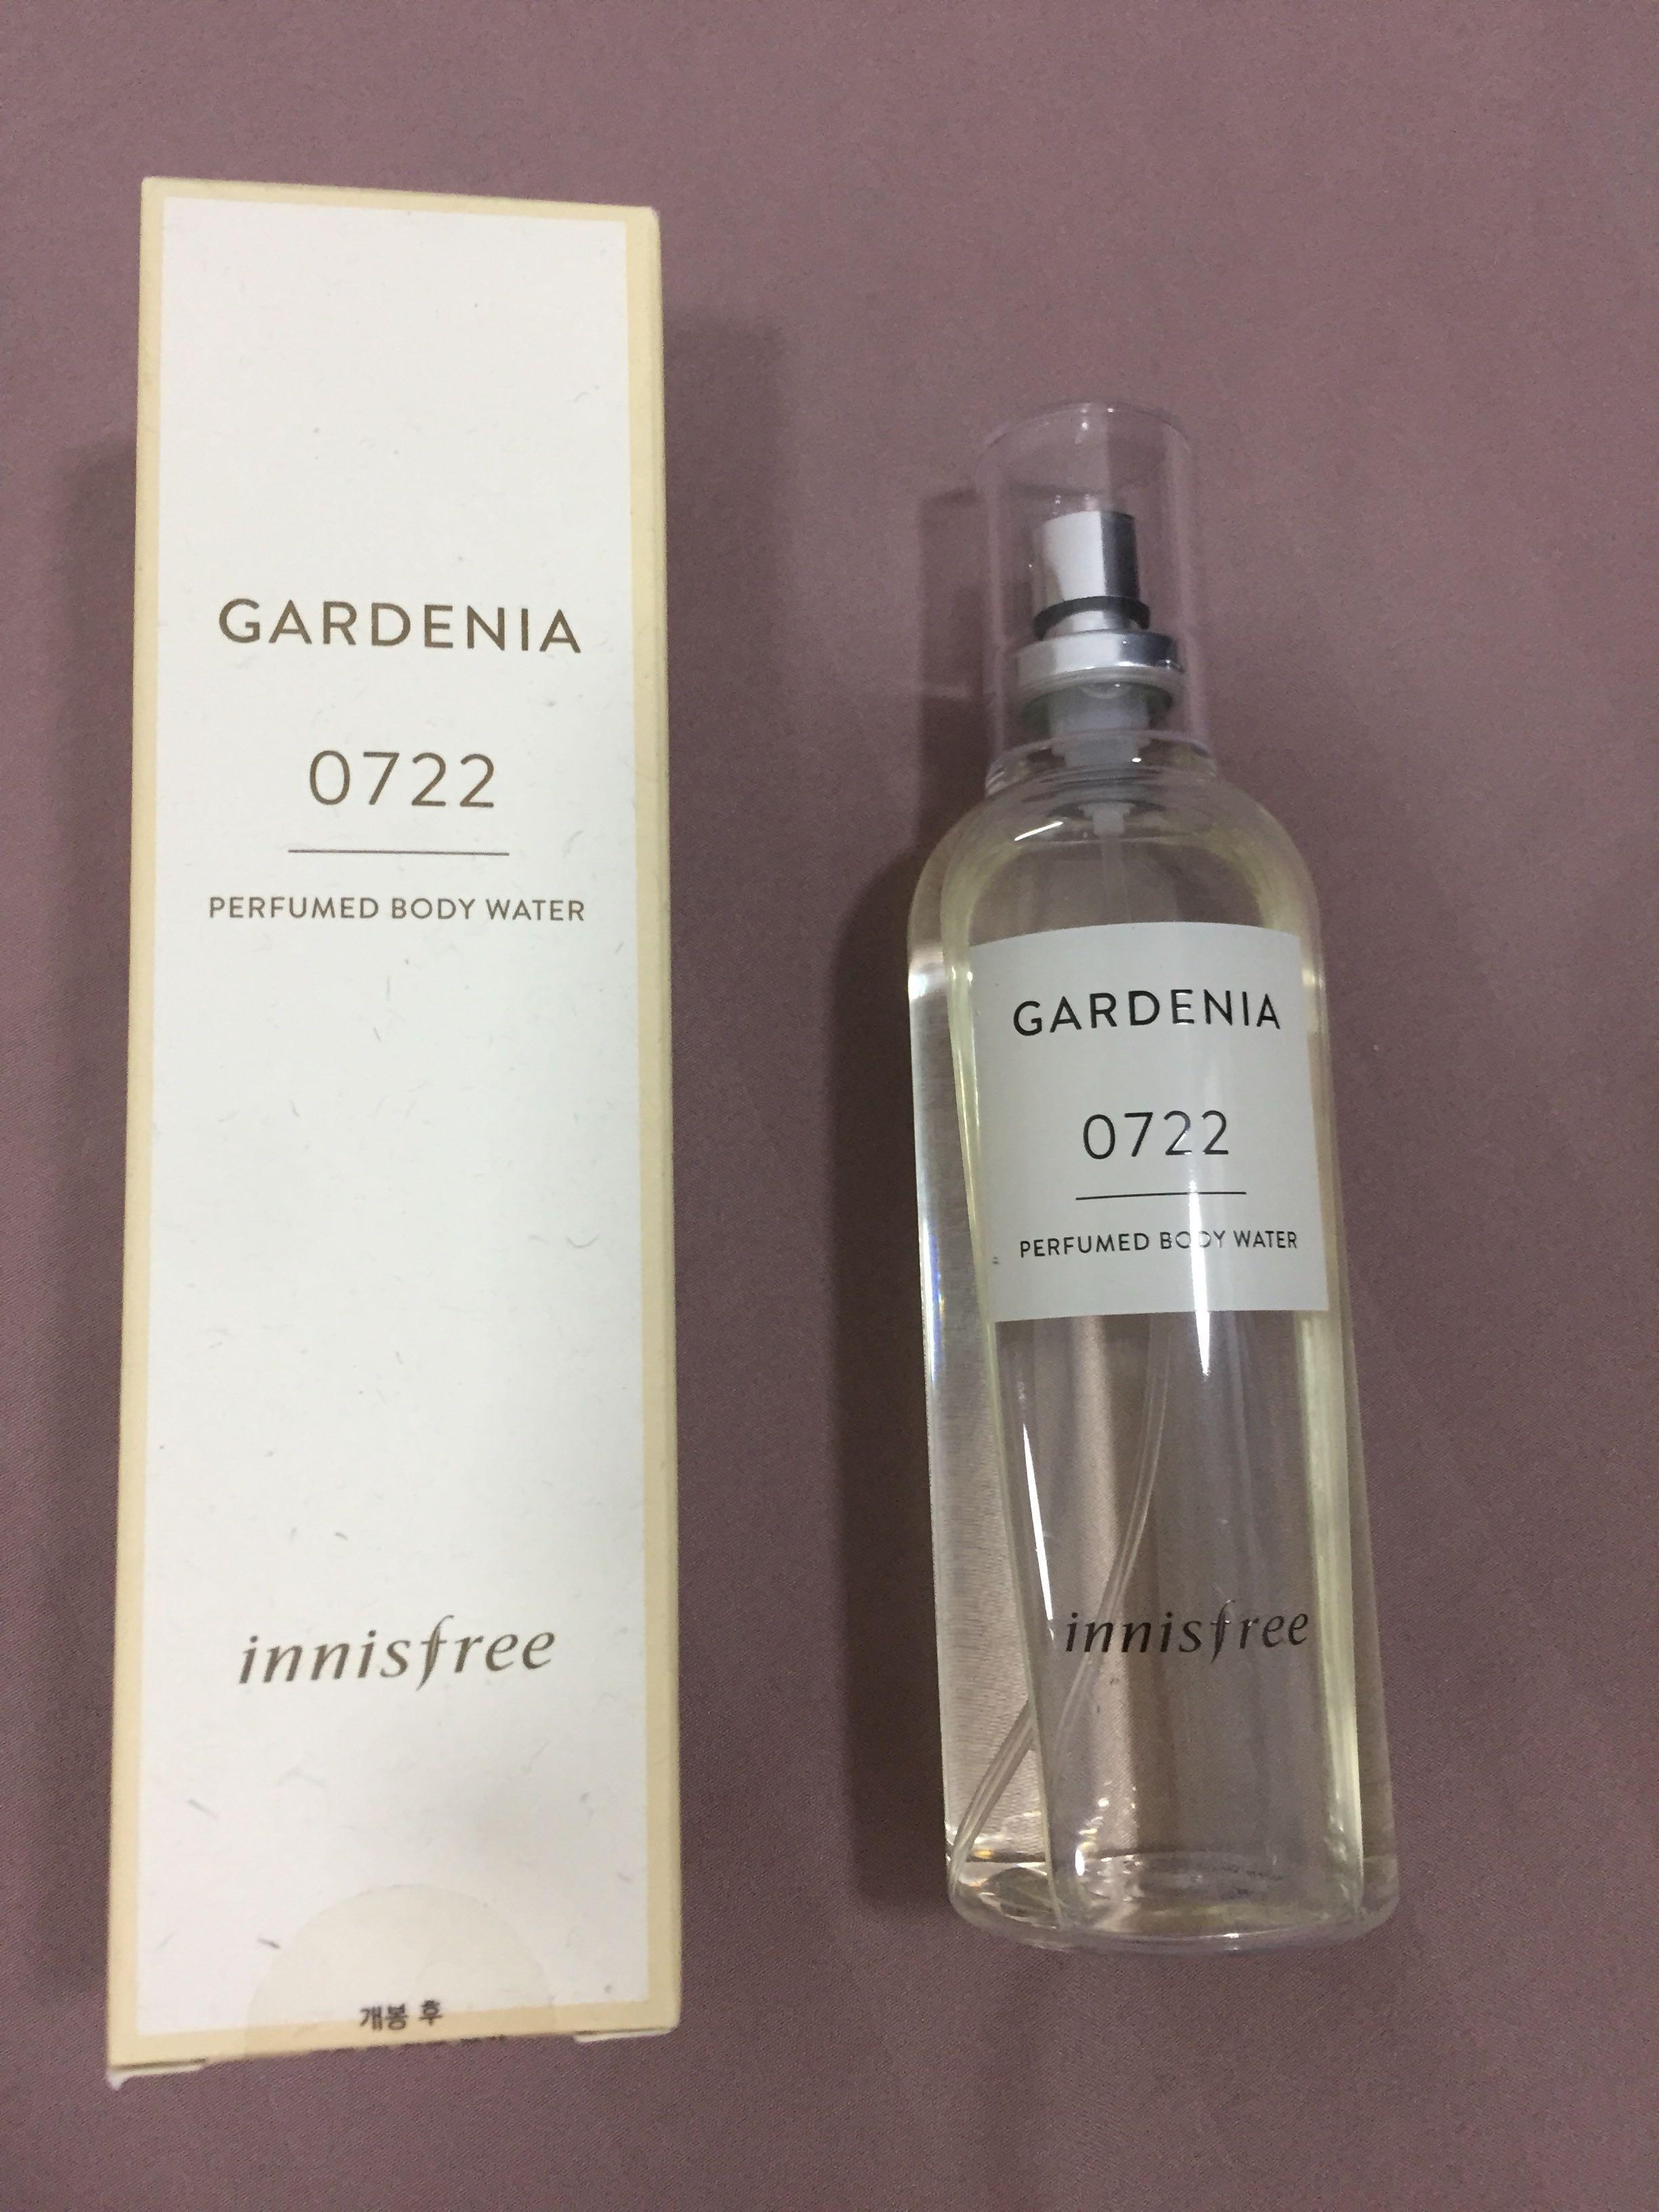 Innisfree Gardenia Perfume Body Water